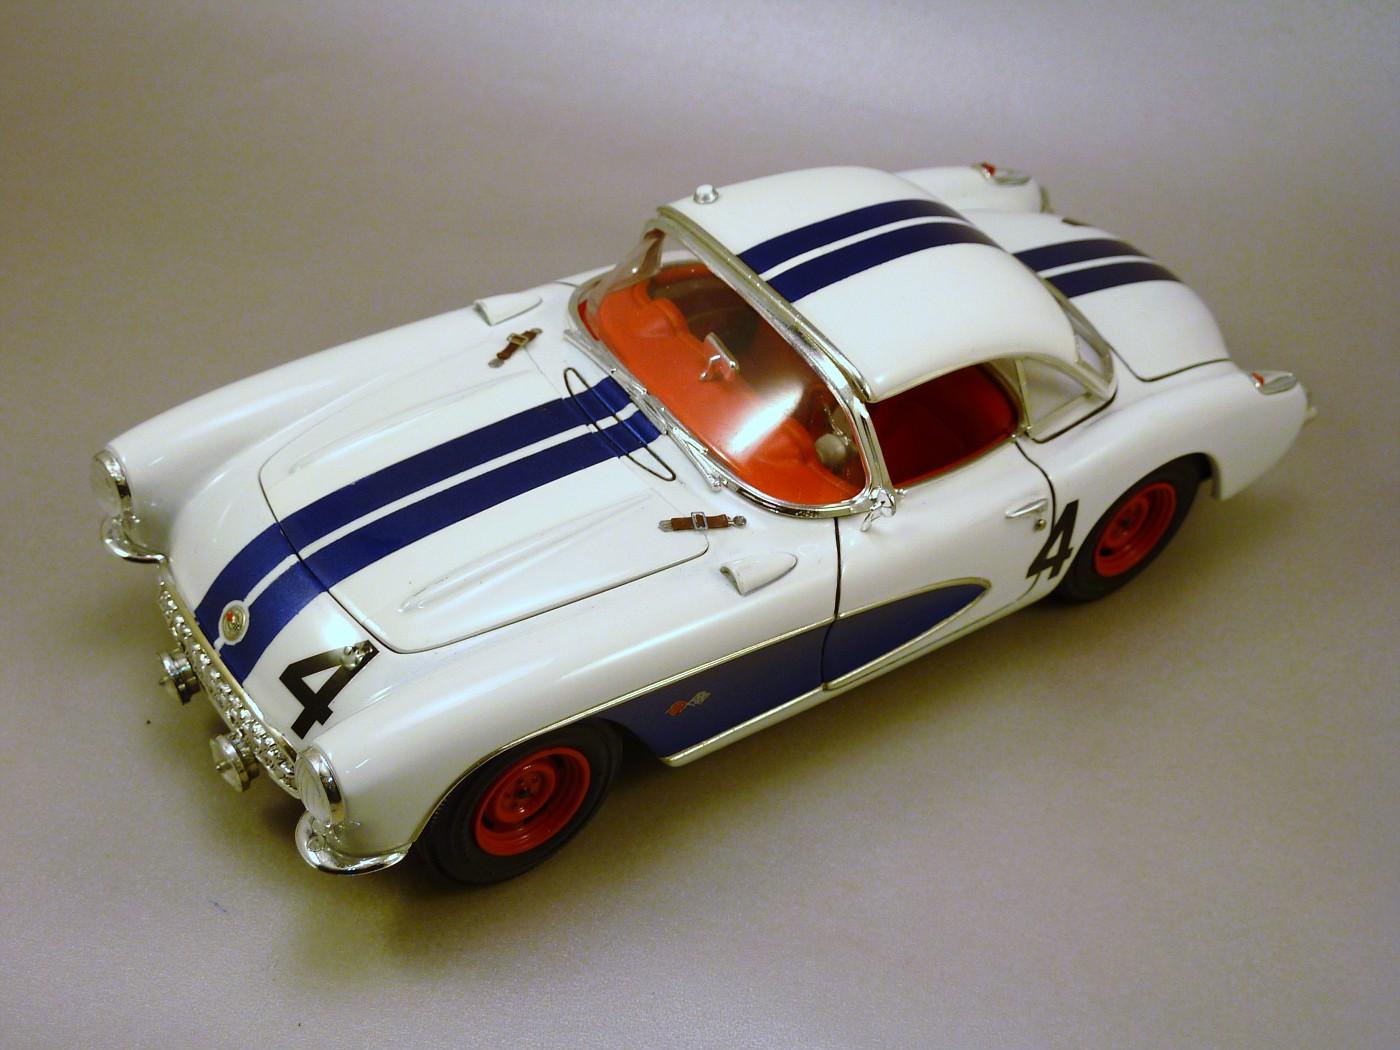 Corvette Sebring 57 terminée  RvetteSebring57DickThompson012-vi